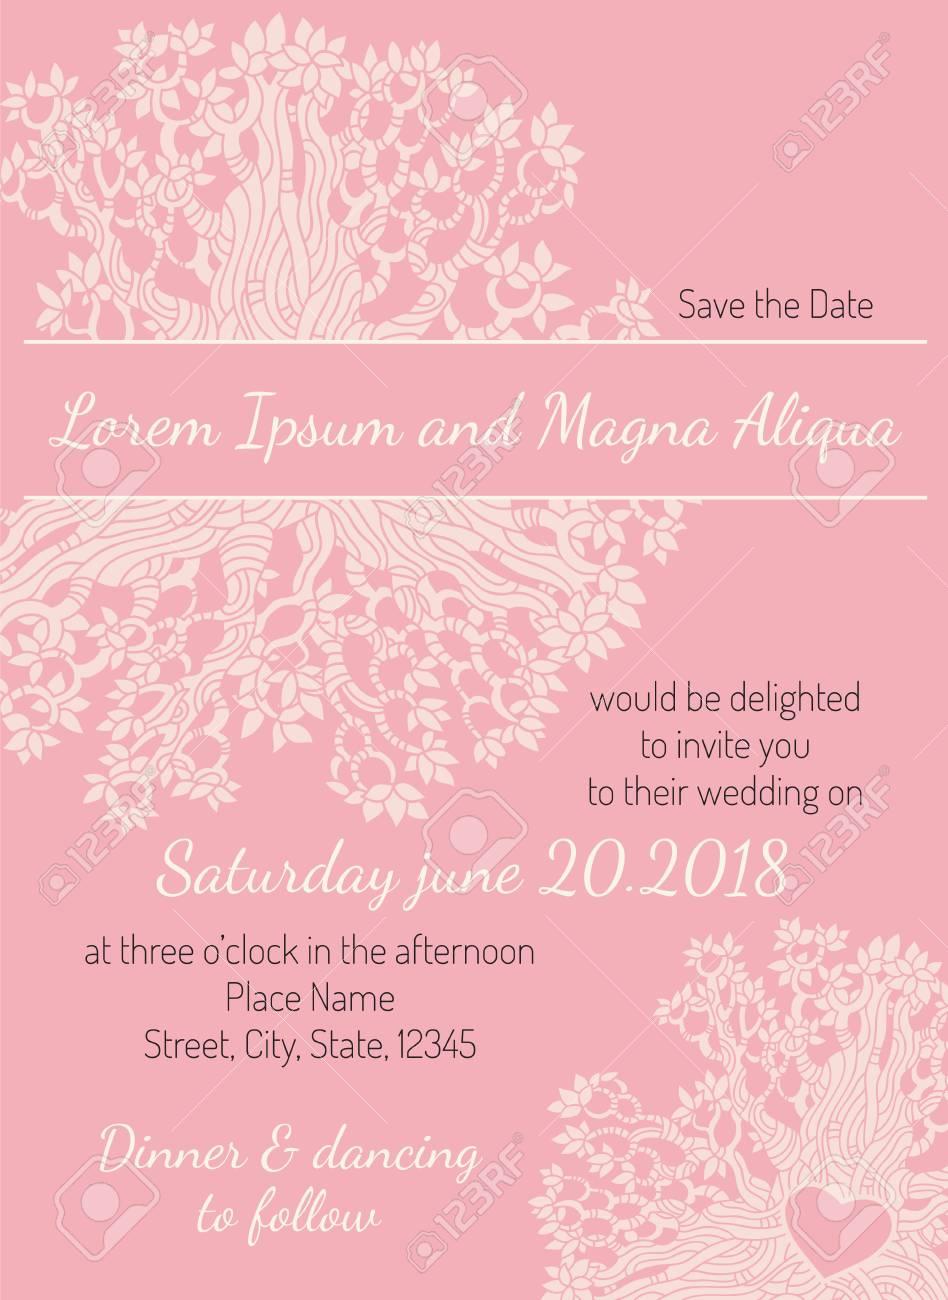 Einladung Hochzeit Karte Rosa Blumen Herz Vektor Vorlage. Sie Können Es Für  Einladungen